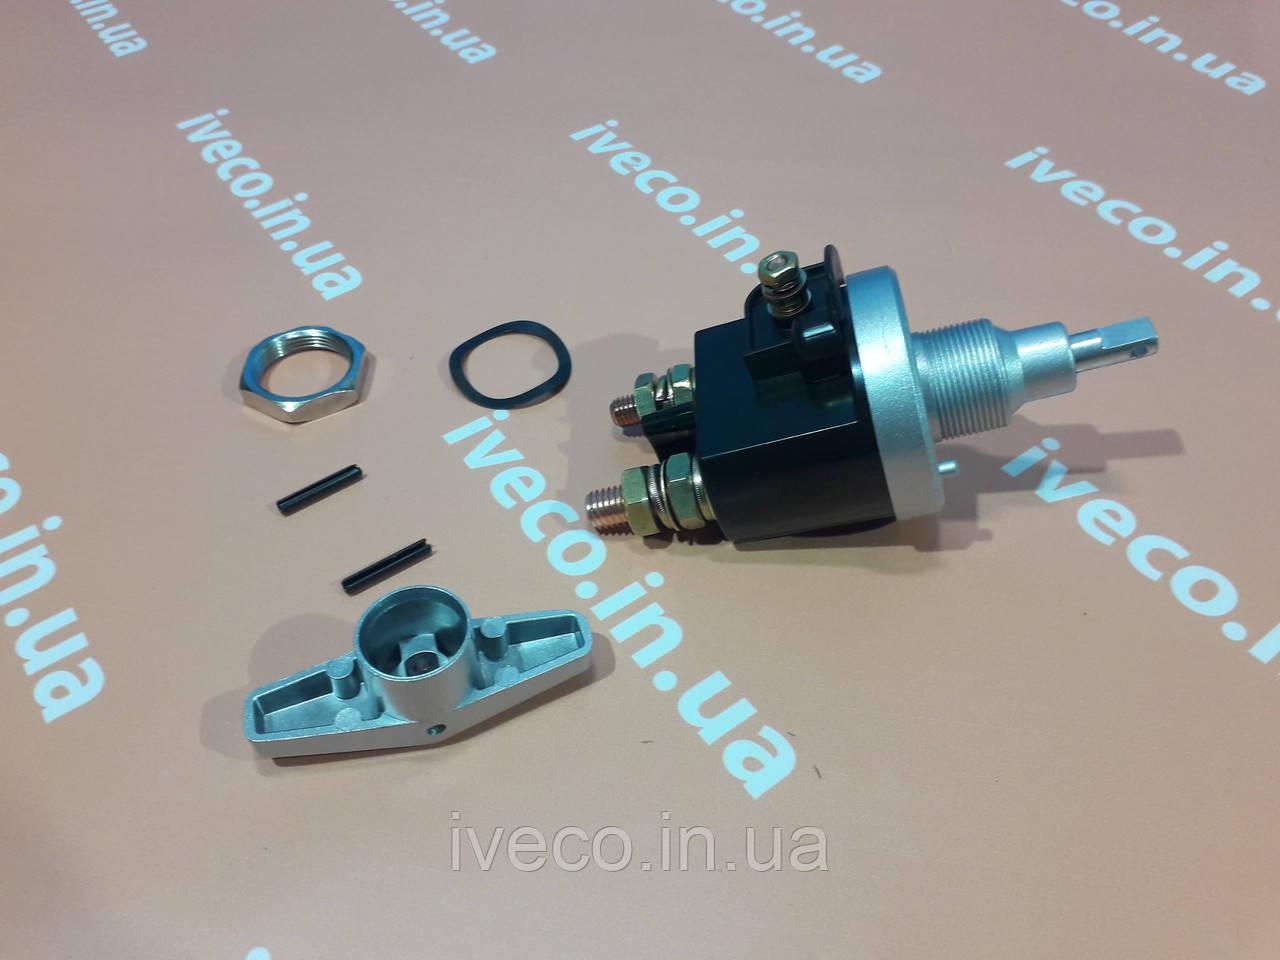 Выключатель массы Iveco Eurotech Eurostar Eurotrakker Stralis Ивеко Евротех 99458665 580178401